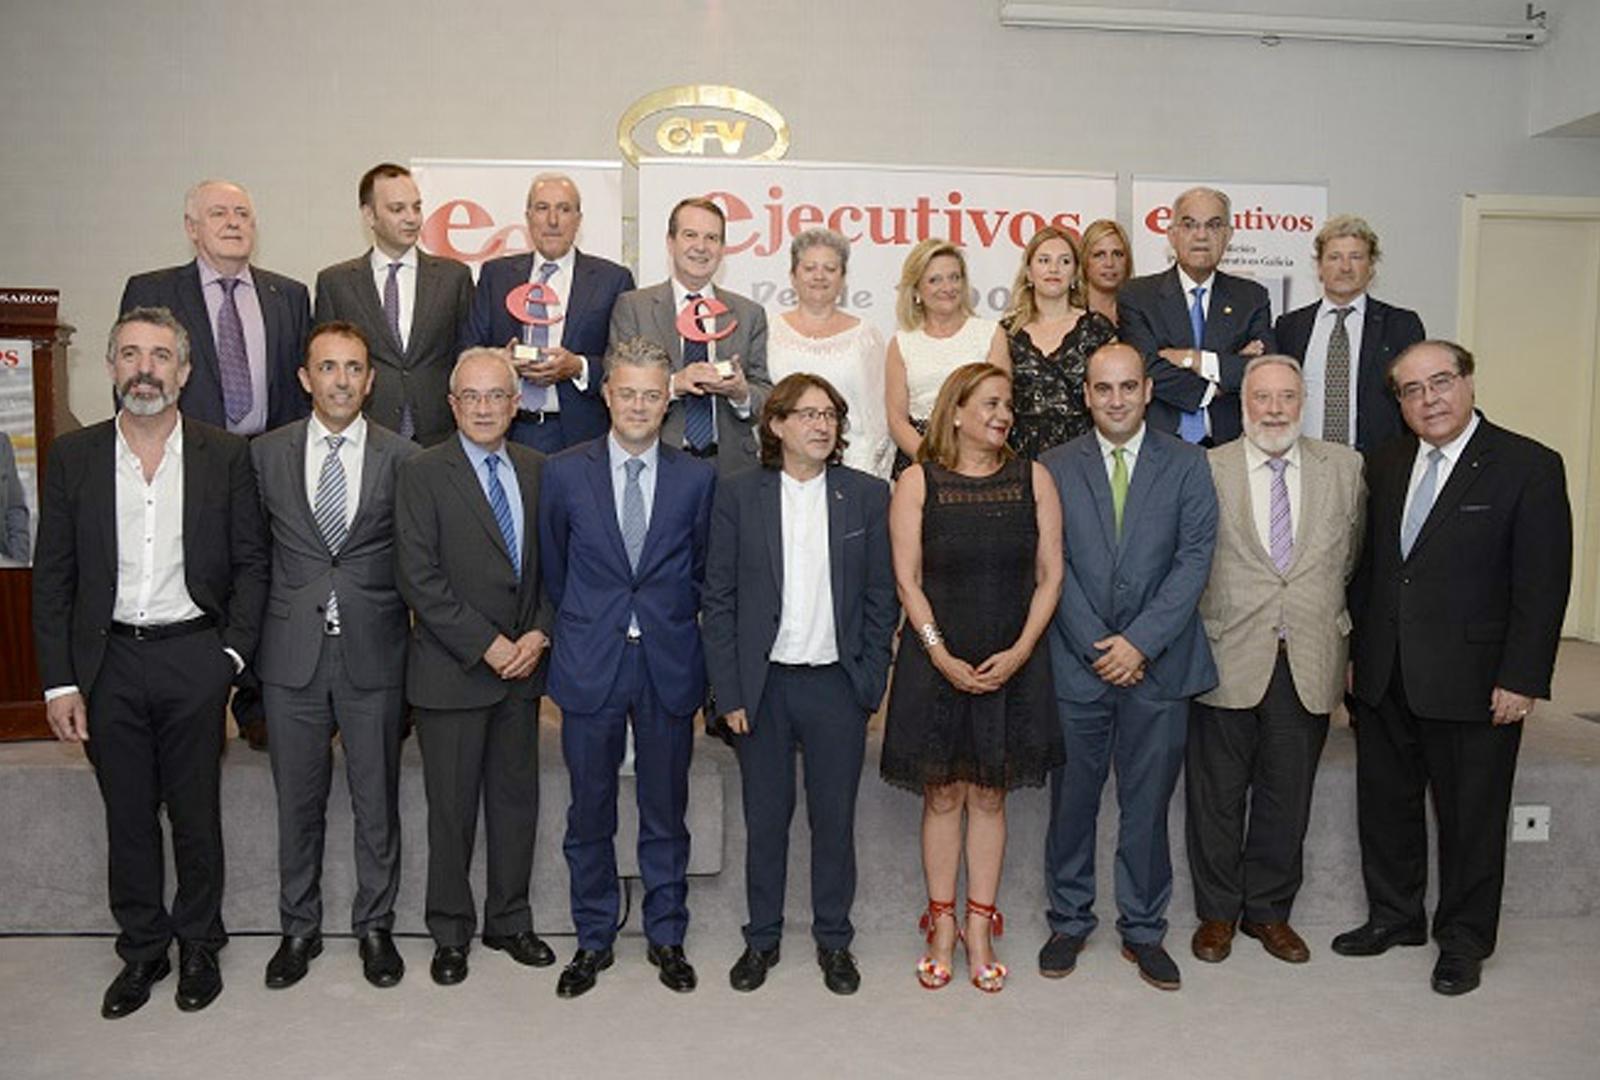 Premios Ejecutivos Galicia 2016